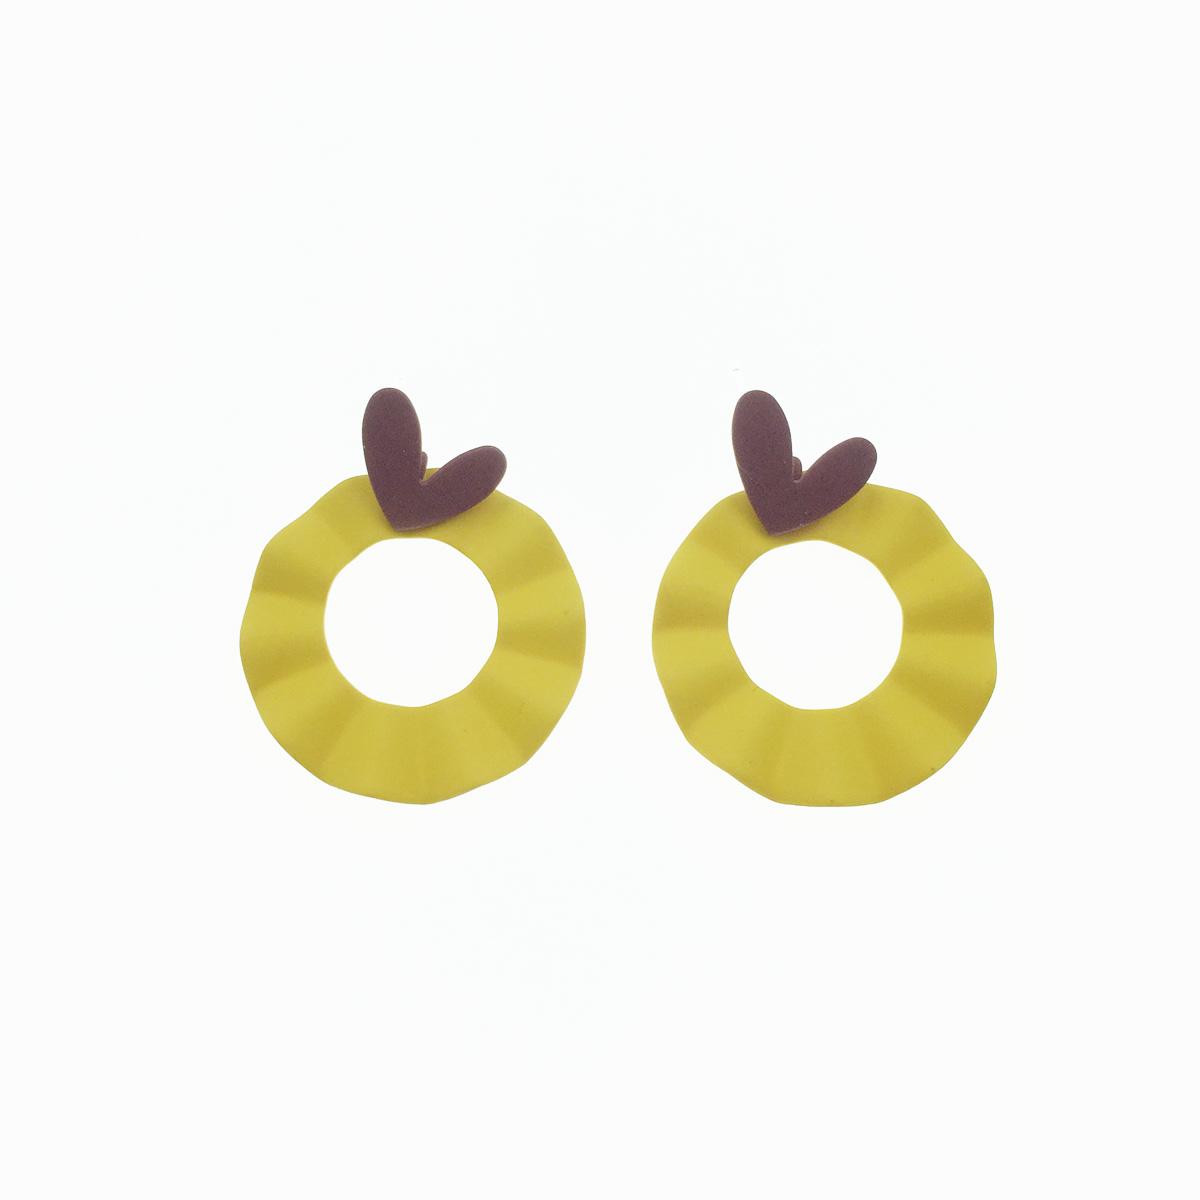 韓國 925純銀 黃色圓圈 愛心 心形 幾何 撞色 可愛 耳針式 耳環